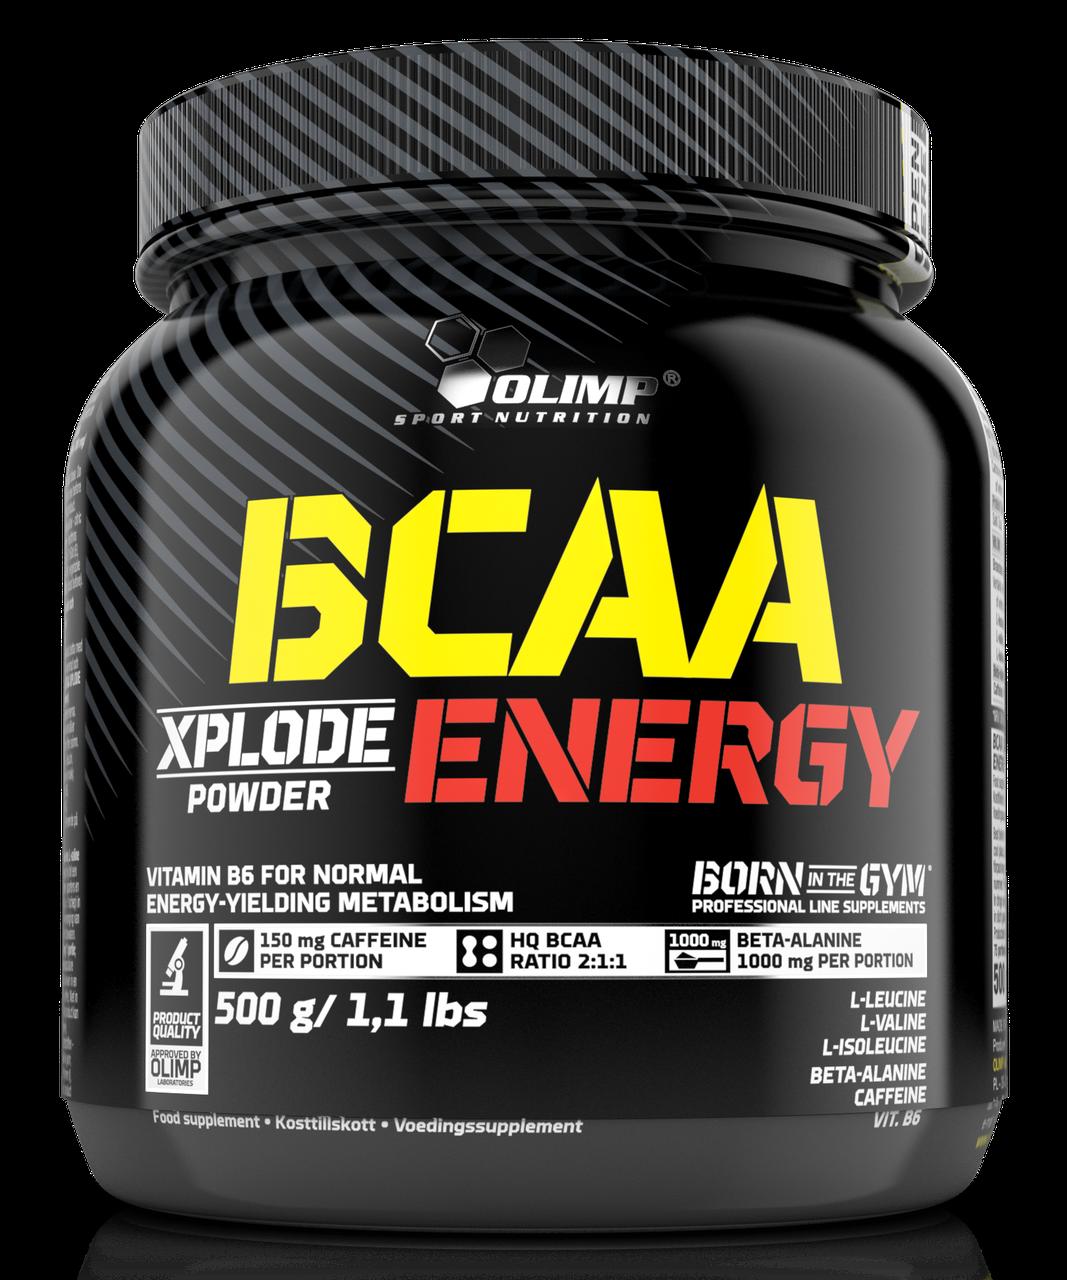 Olimp BCAA Xplode Powder Energy 500g